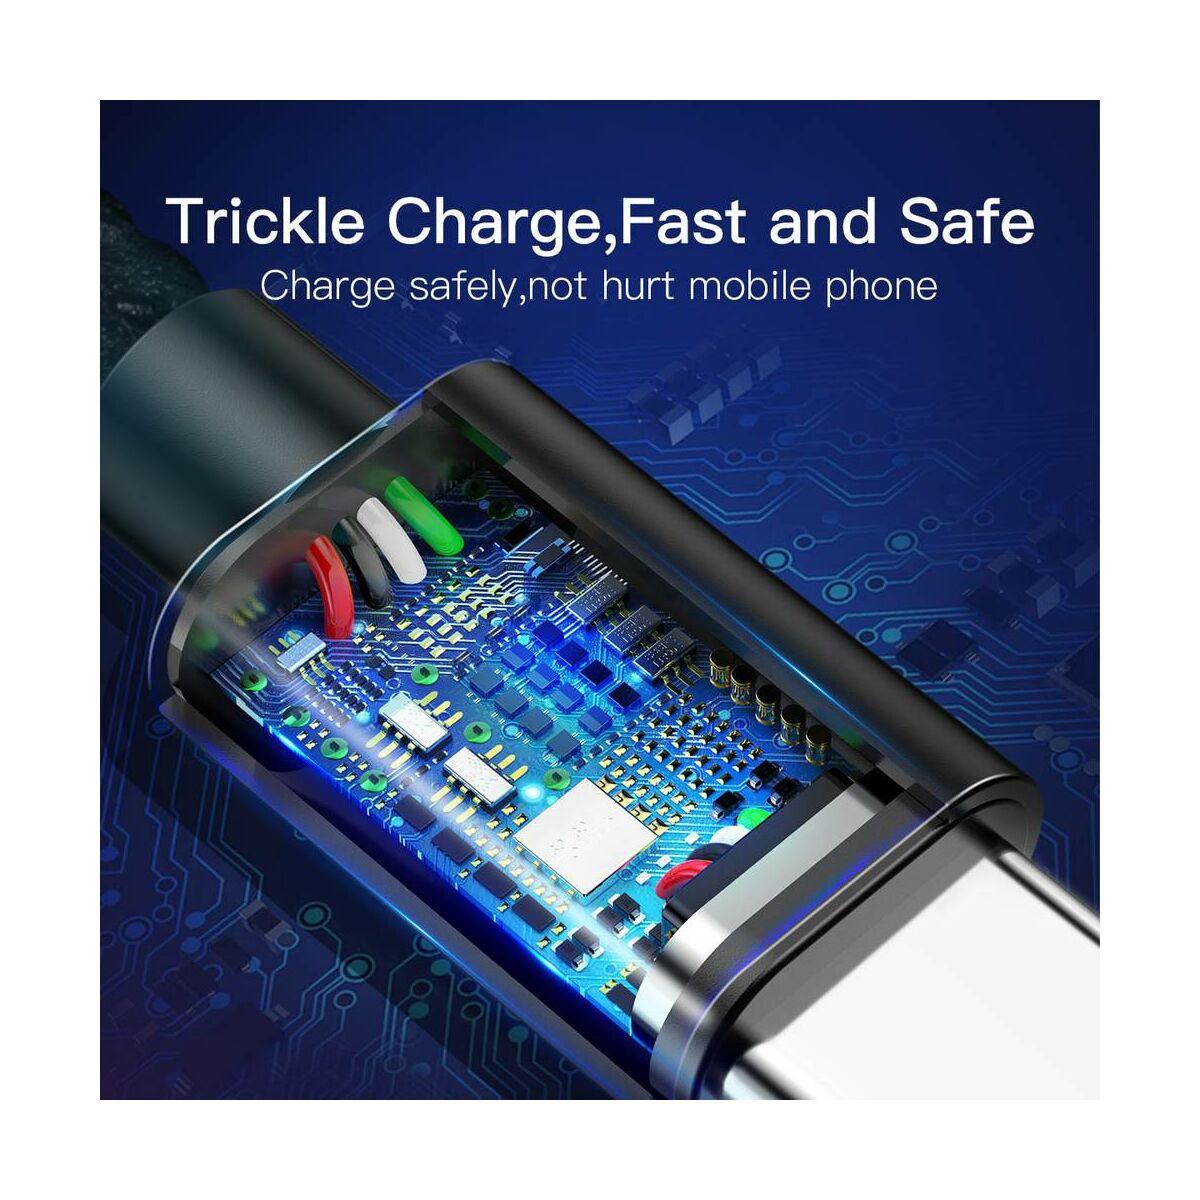 Baseus Type-C kábel, Double fast charging, gyors töltés(4V/5A, 5V/4A, QC[3.0]), 1m, fekete (CATKC-A01)